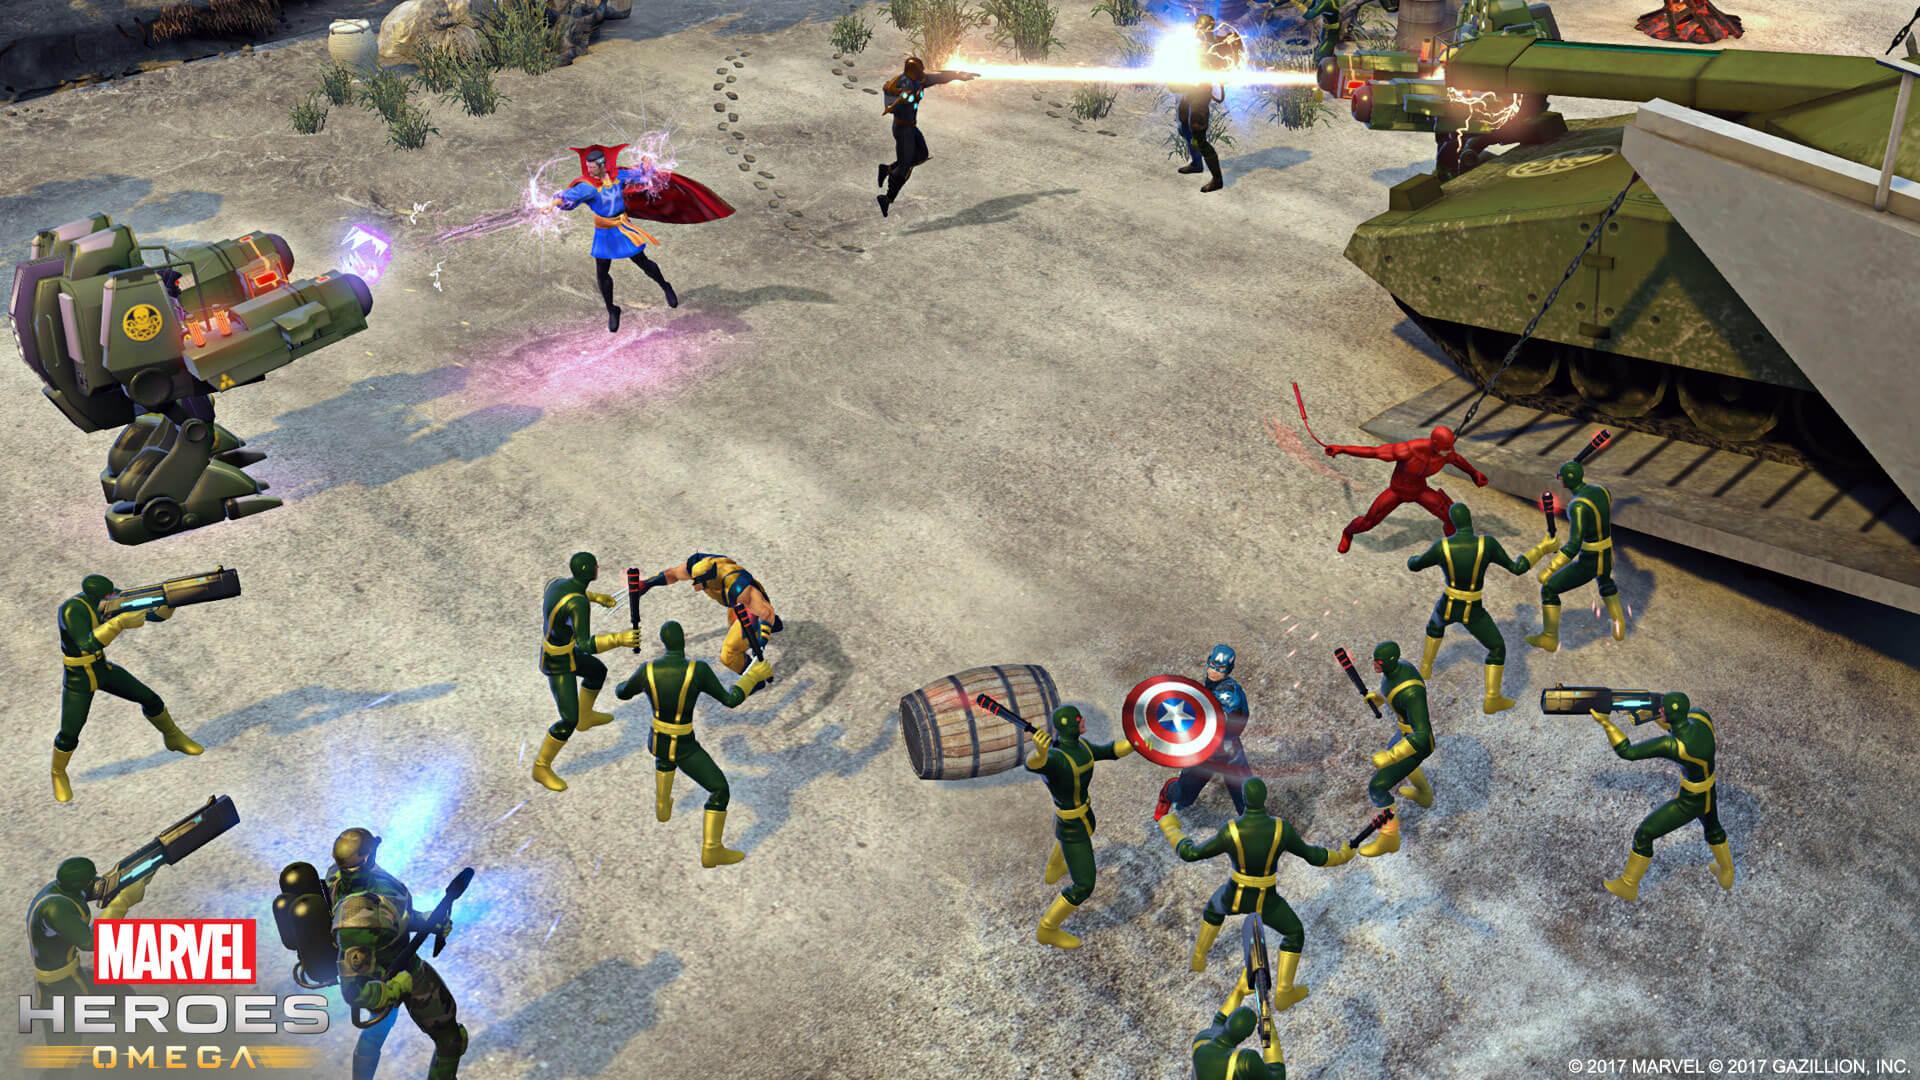 Marvel Heroes Omega Kampf